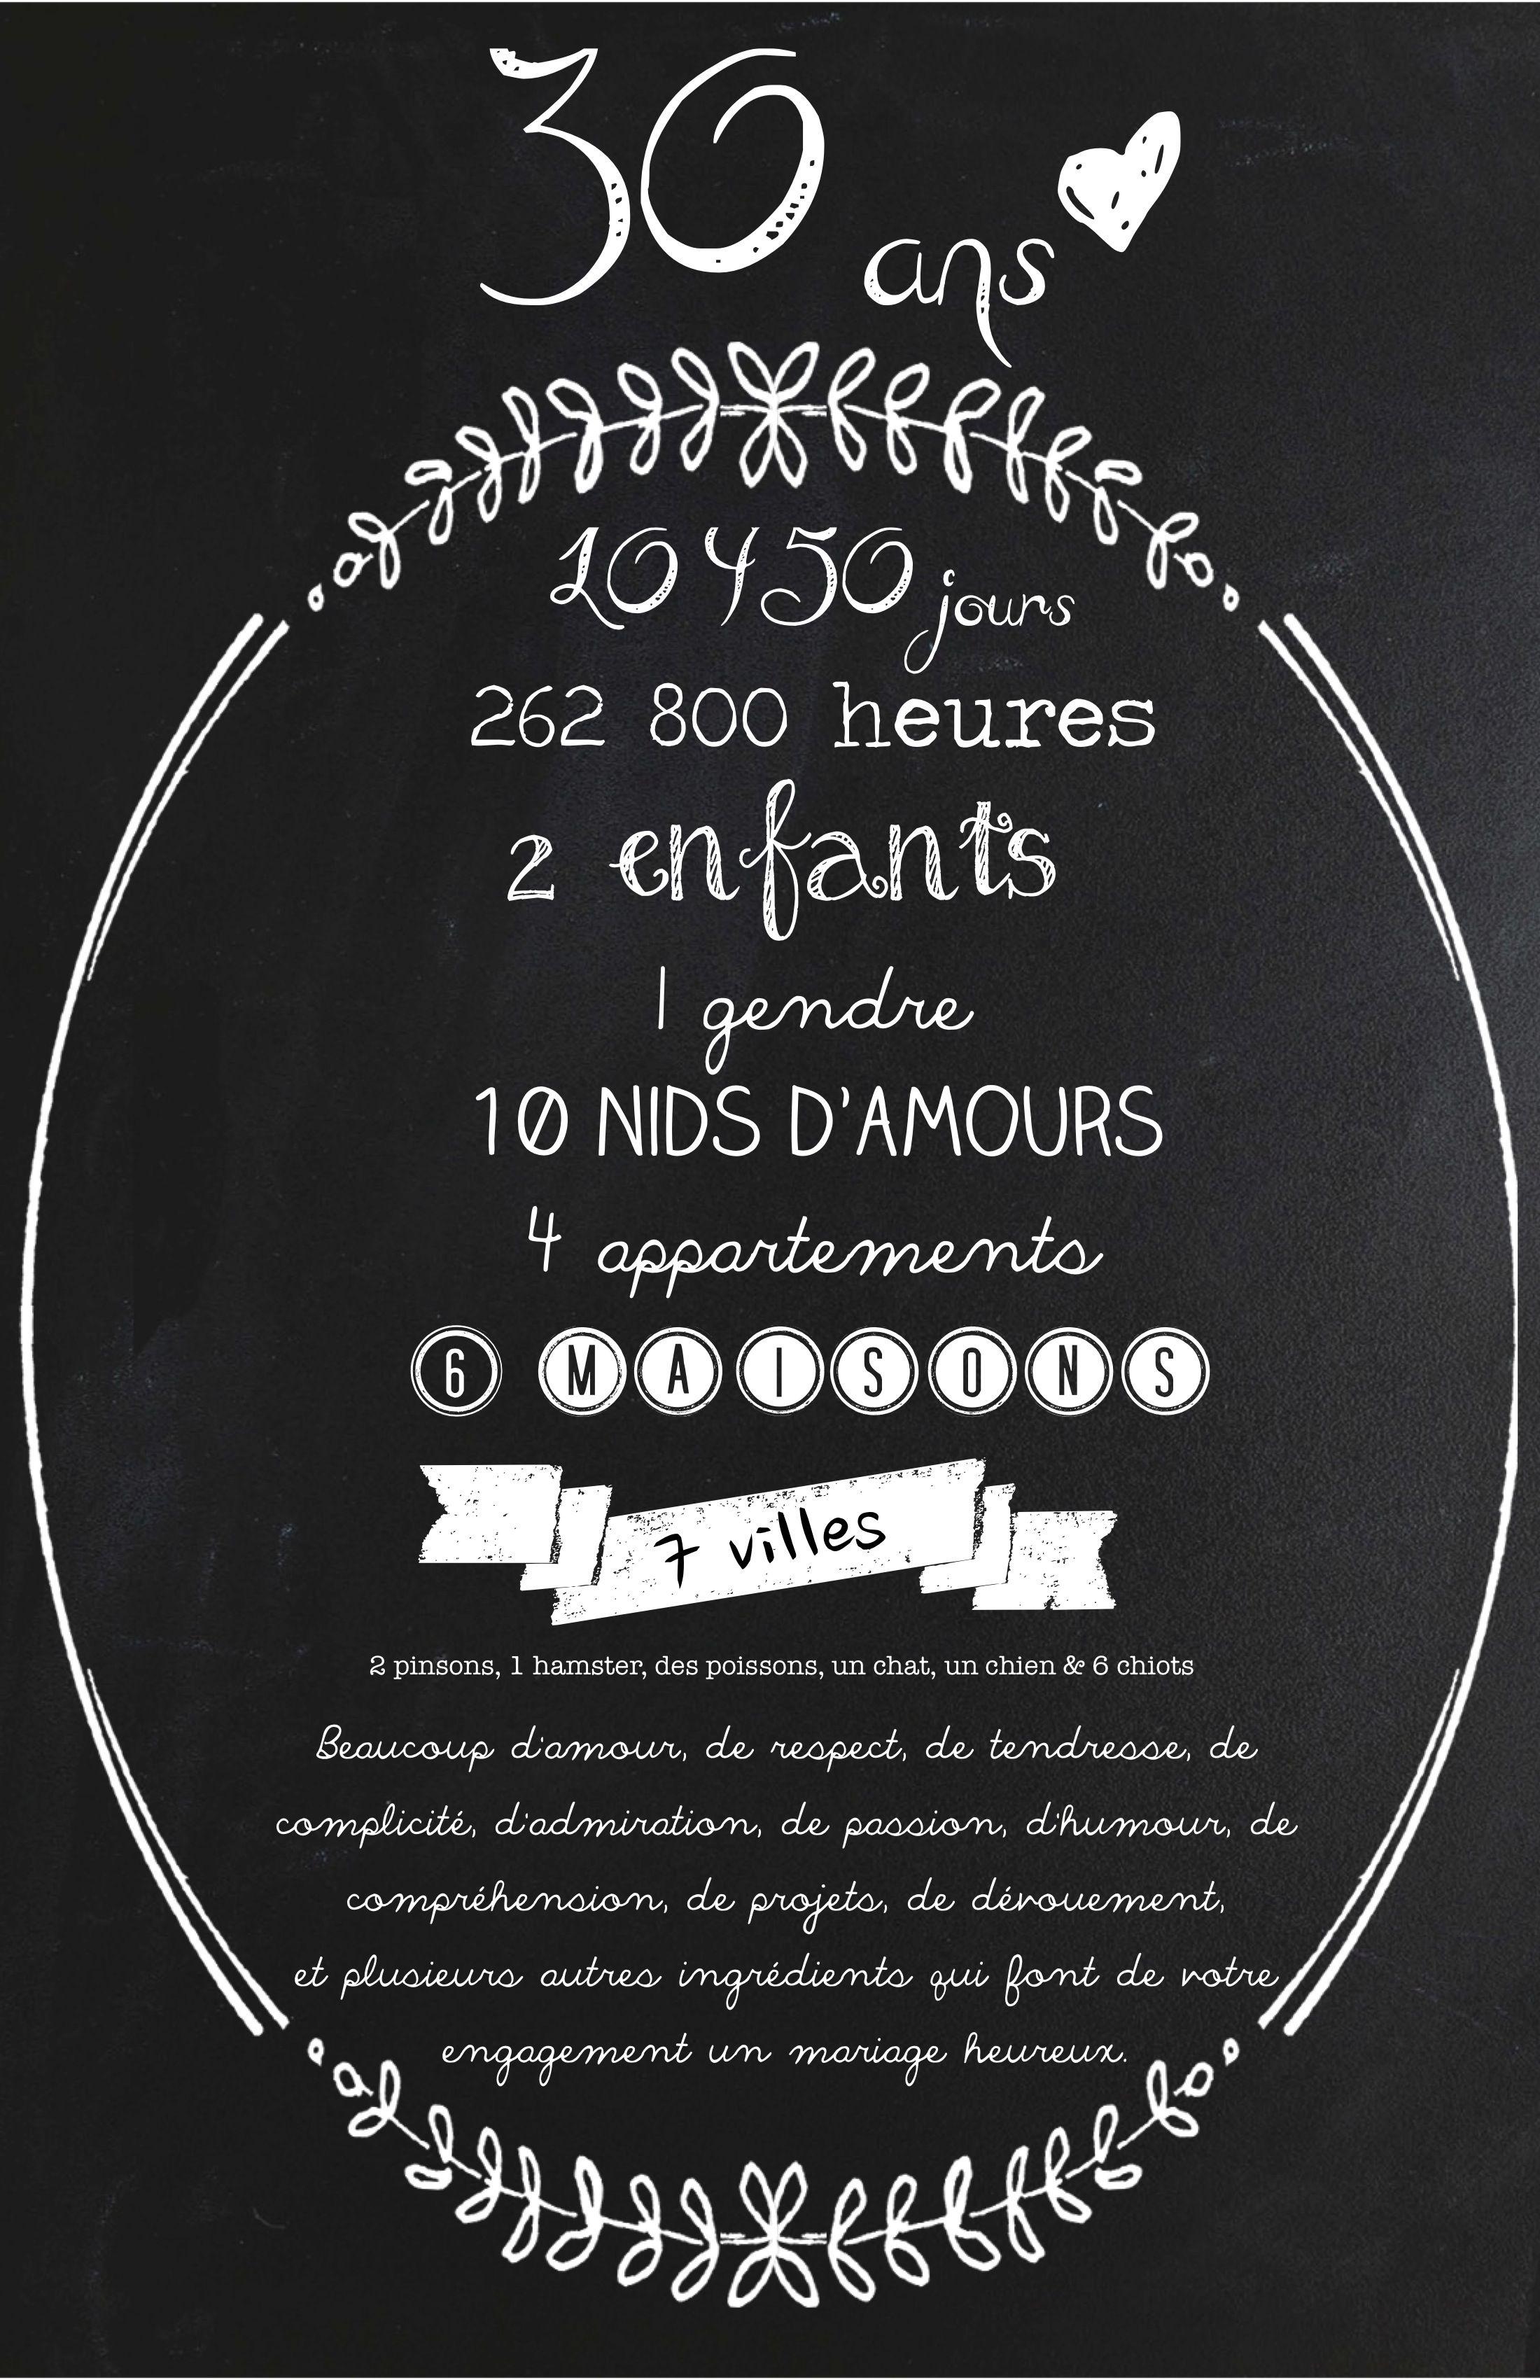 Citation Anniversaire 30 Ans : citation, anniversaire, 30ans, #mariage, #Love, #Amour, Idée, Anniversaire, Mariage,, Mariage